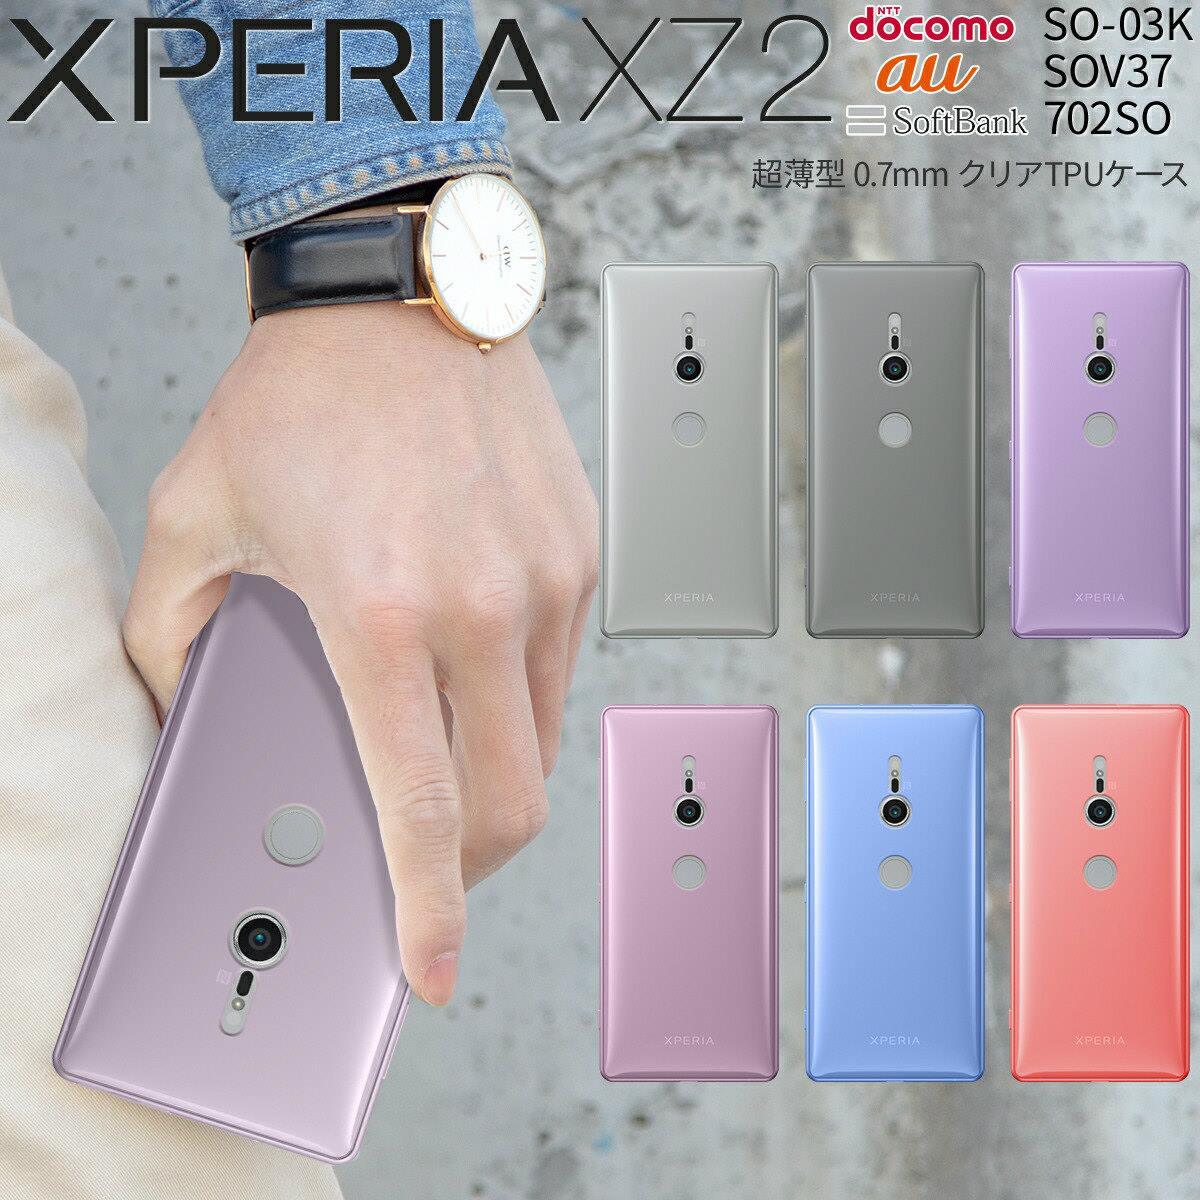 エクスペリアXZ2 Xperia XZ2 TPU クリアケース   ケース スマホケース カバー 携帯ケース スマホ クリア xz2 xperiaxz2 スマフォケース 落下防止 ソフトケース tpuケース グリップ ソフト 送料無料 SOV37 エクスペリアxz2 シンプルケース SO-03K 背面ケース (6/15)